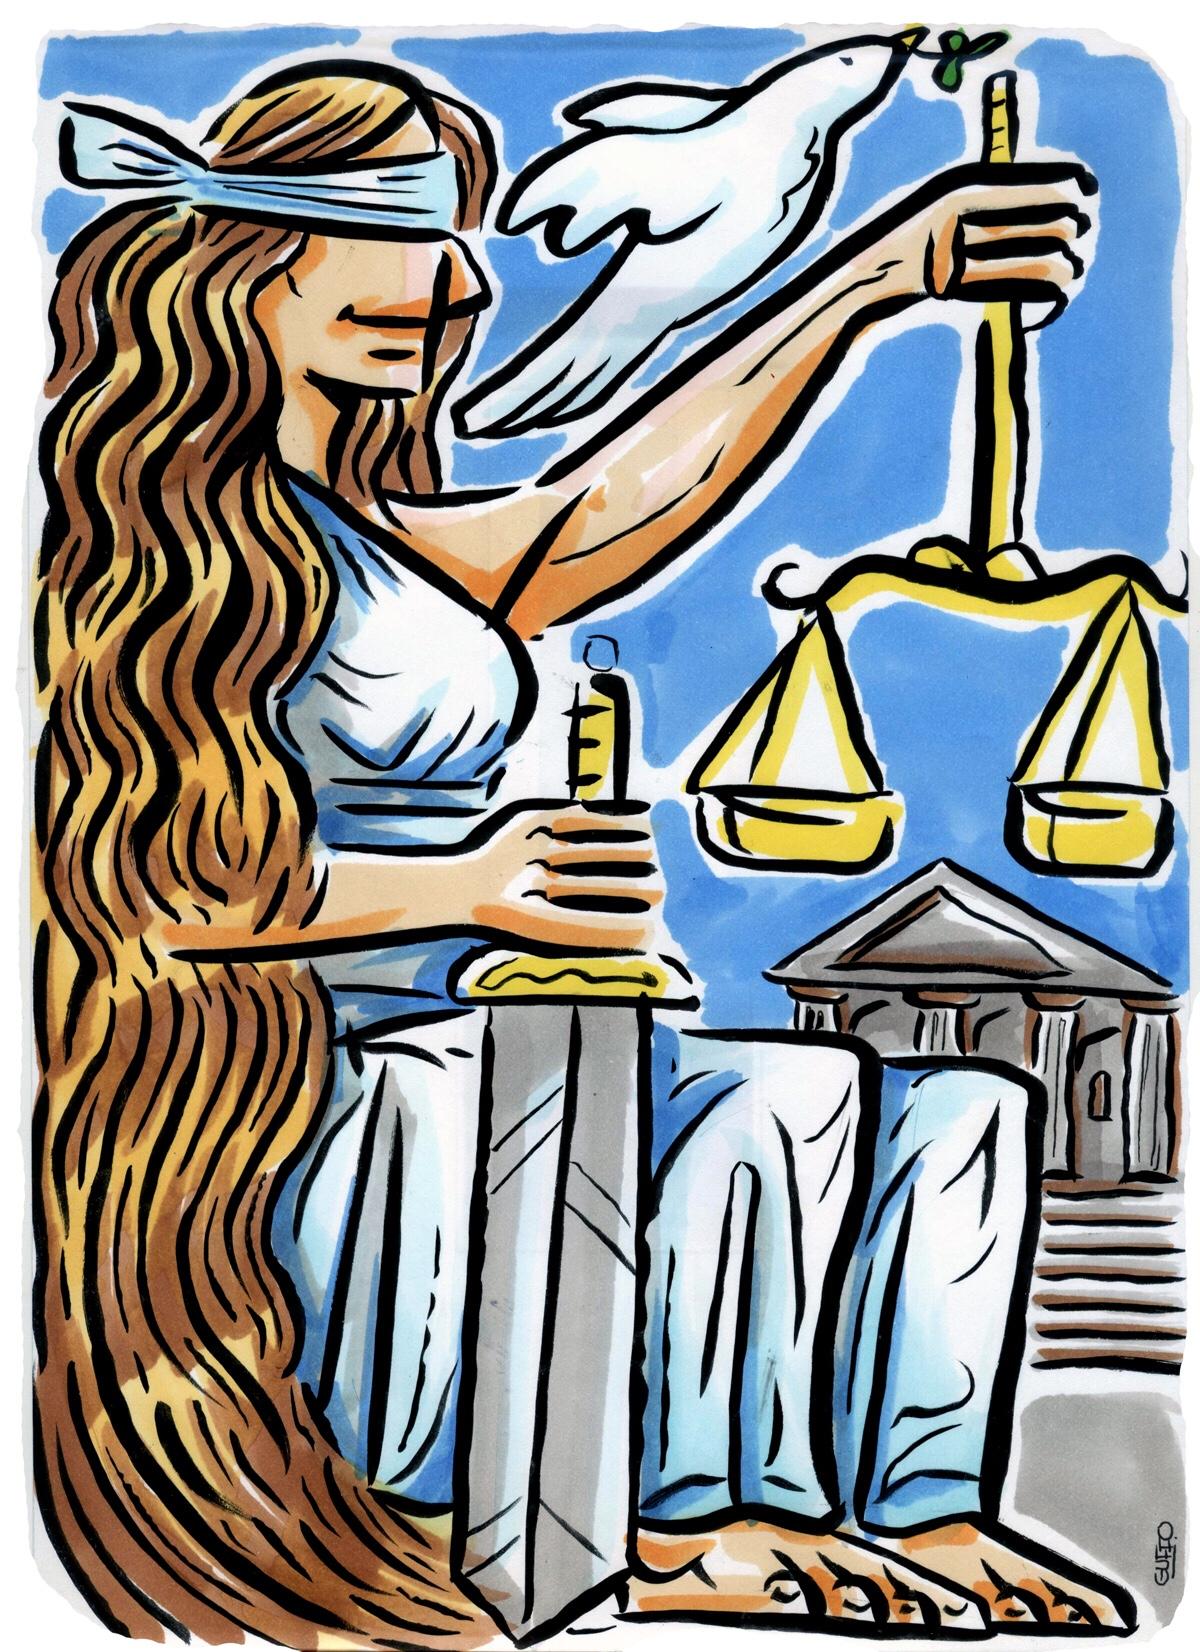 Algunas caricaturas de humor judicial